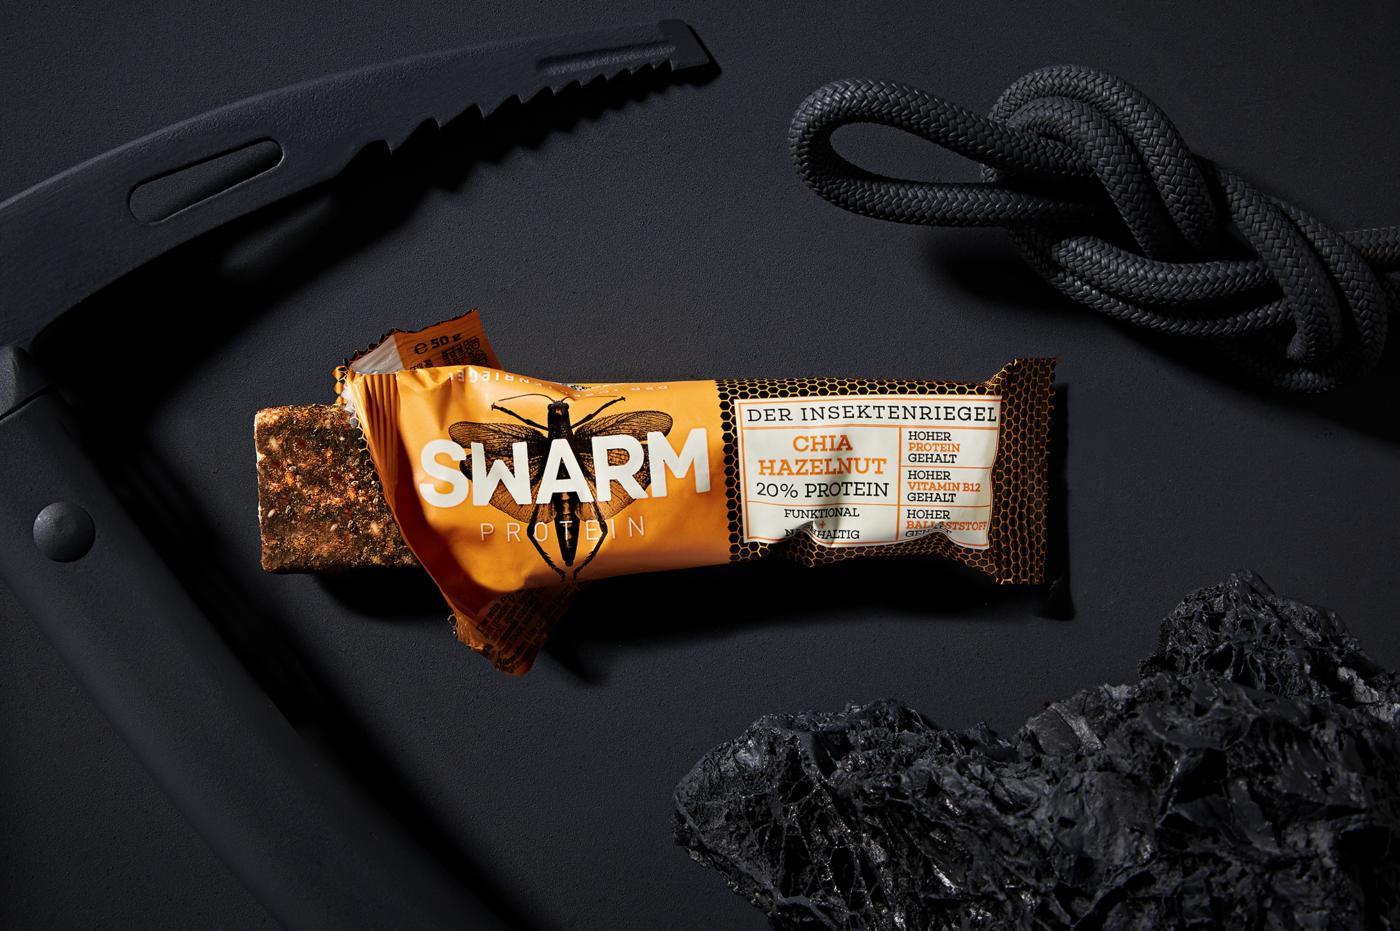 swarm_valentin_muehl_fotografie_stilllife_food_packshot_studio_set_4